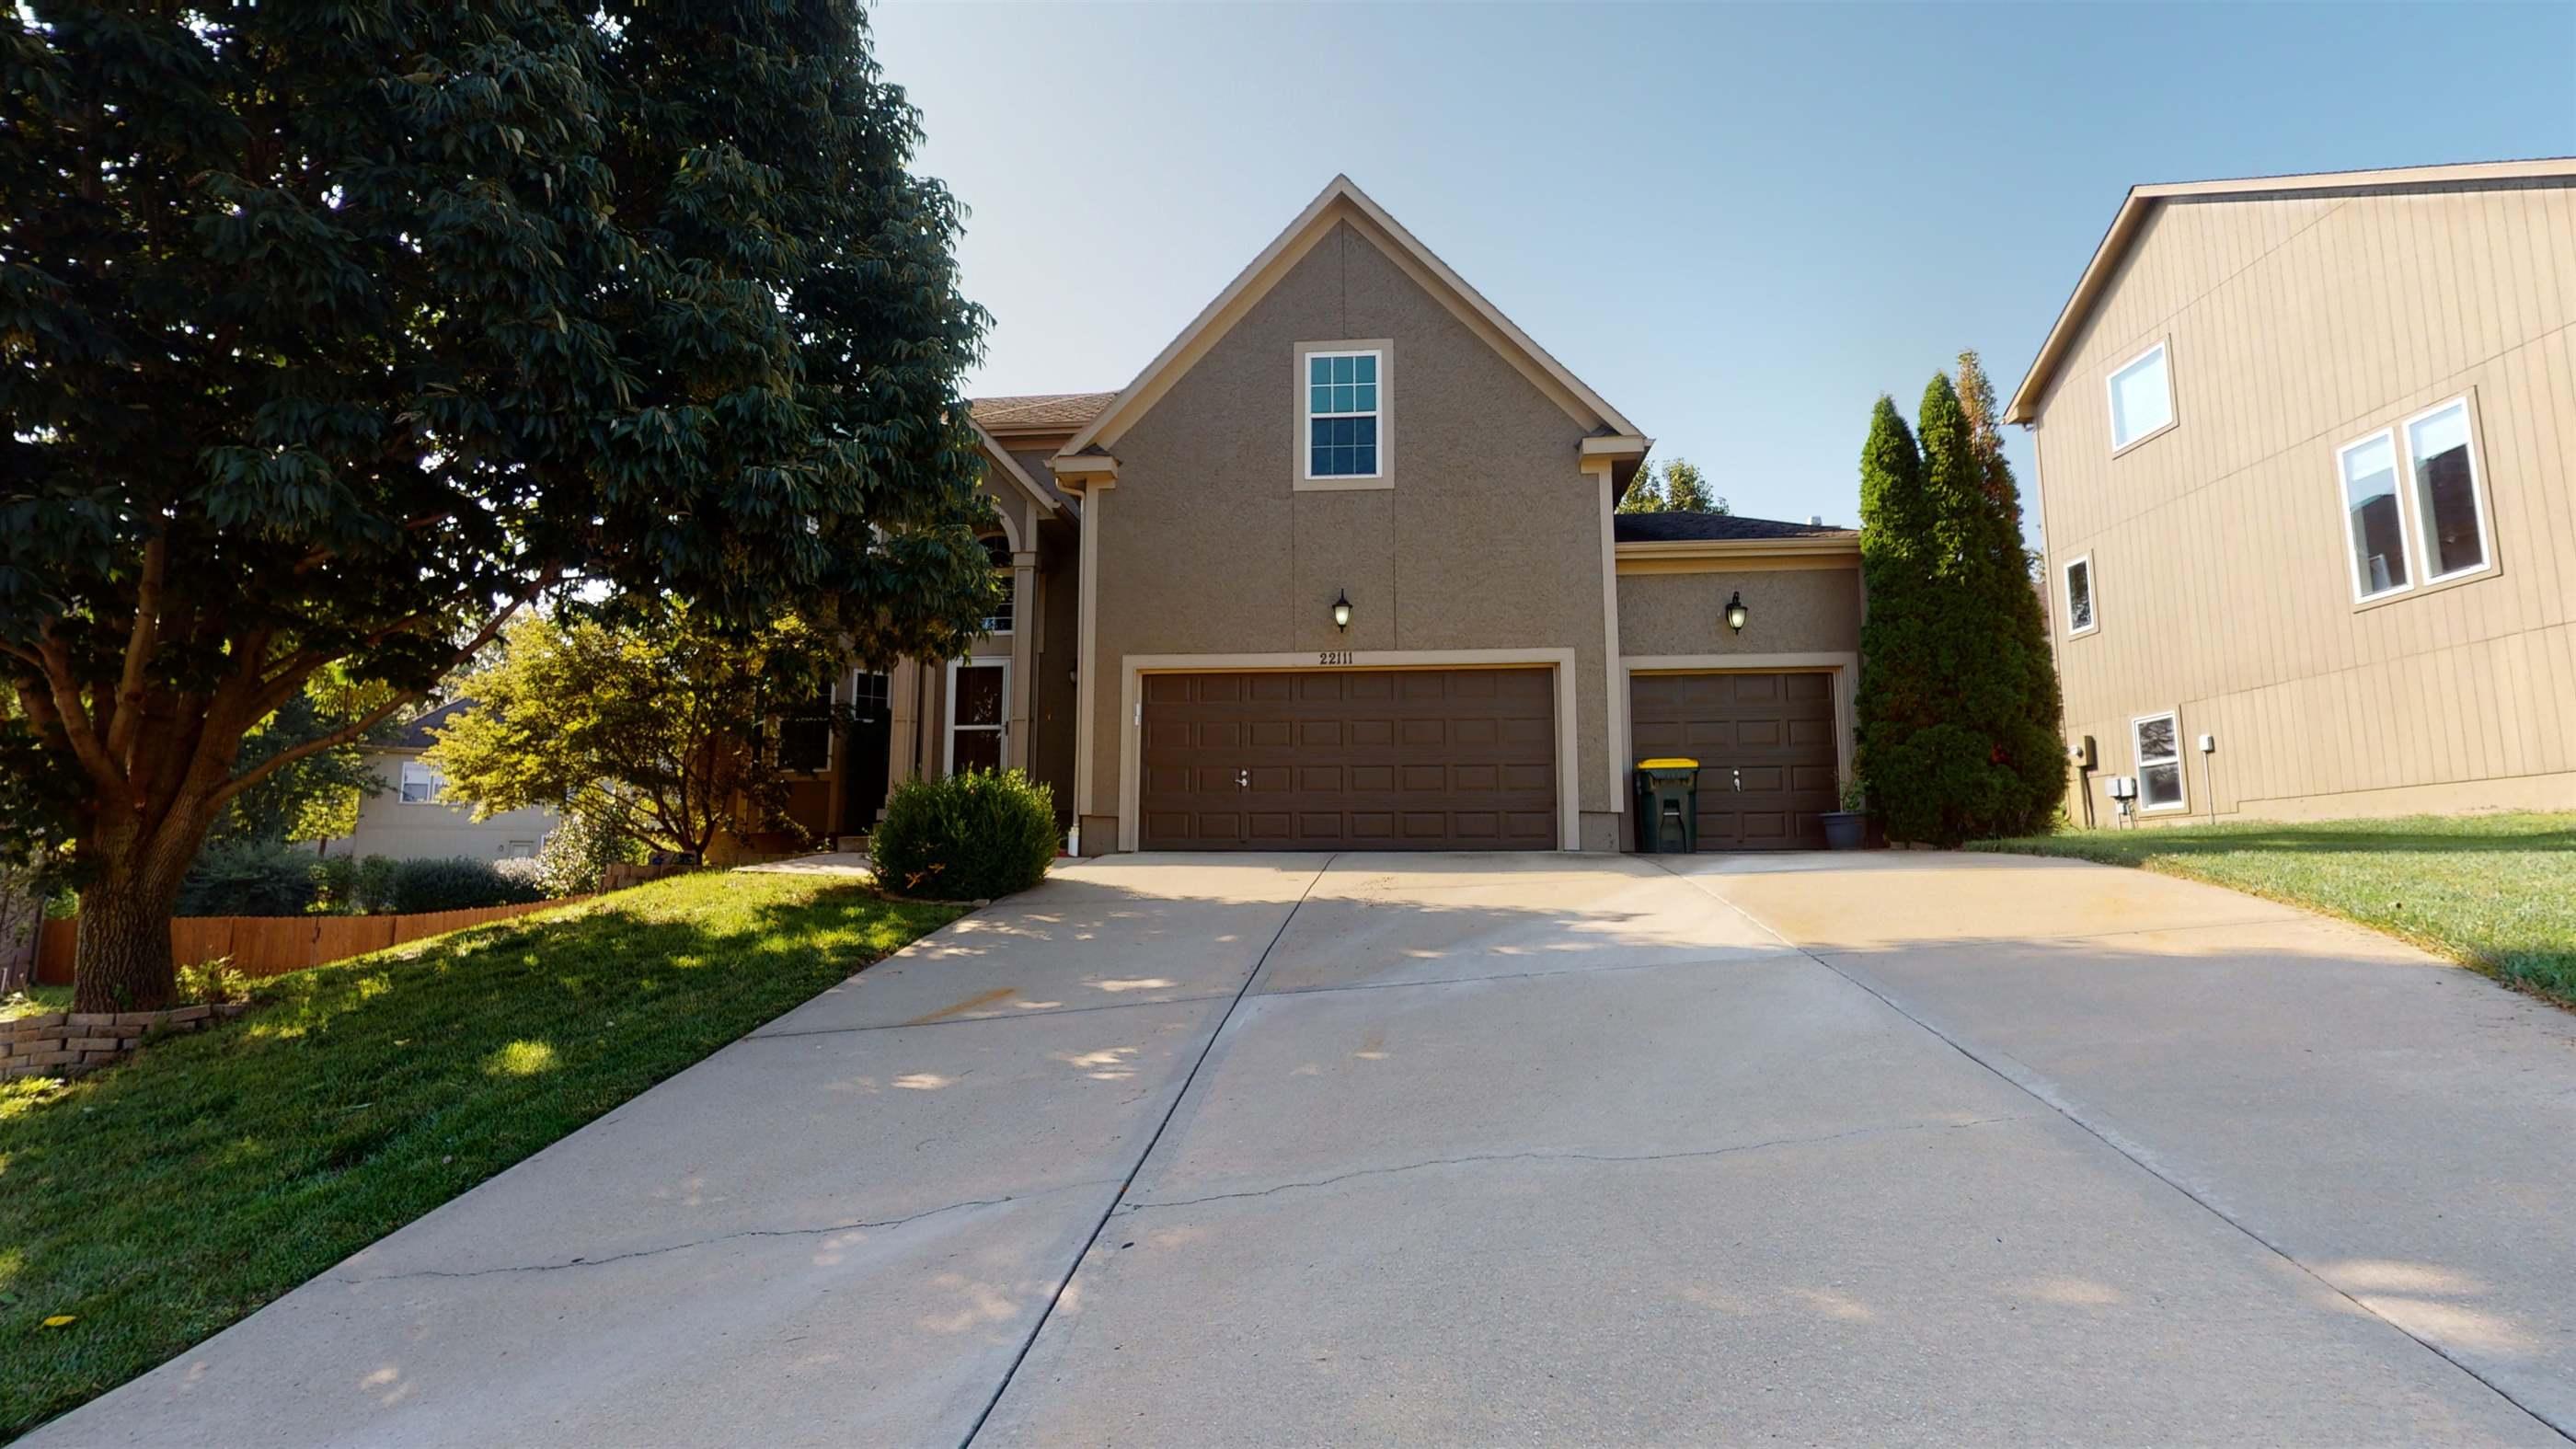 22111 West 69th Terrace, Shawnee, KS 66226